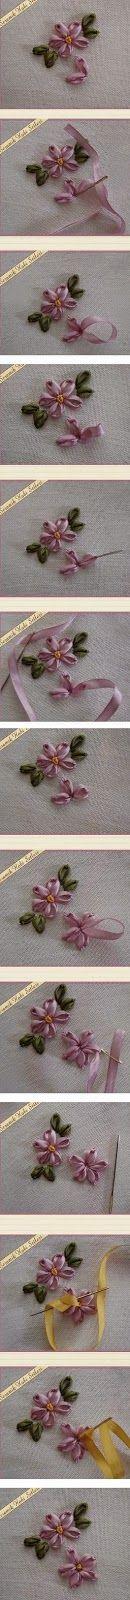 Minha Casinha Rosa: Bordado feito com fita de cetim - Flores.                                                                                                                                                                                 Mais